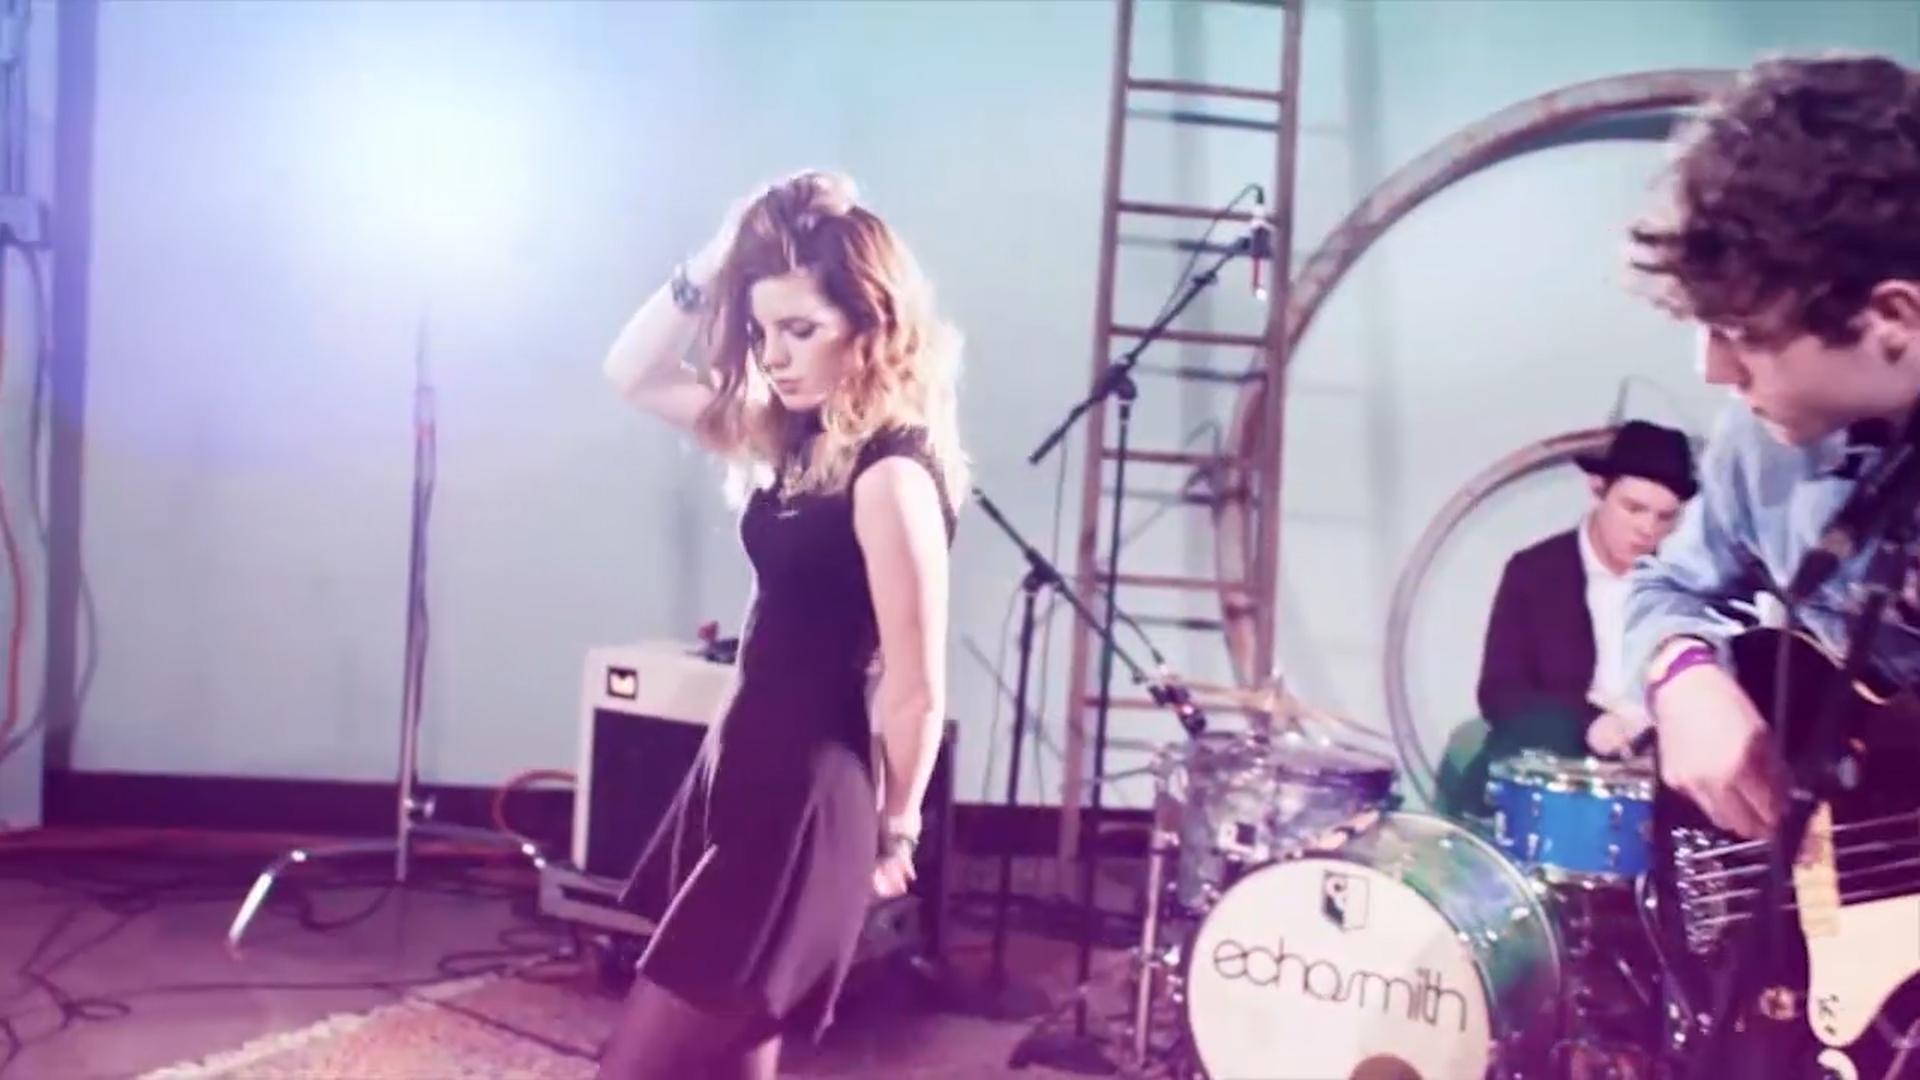 MTV Artist to Watch - Echo Smith - Cool Kids - Yuta Yamaguchi